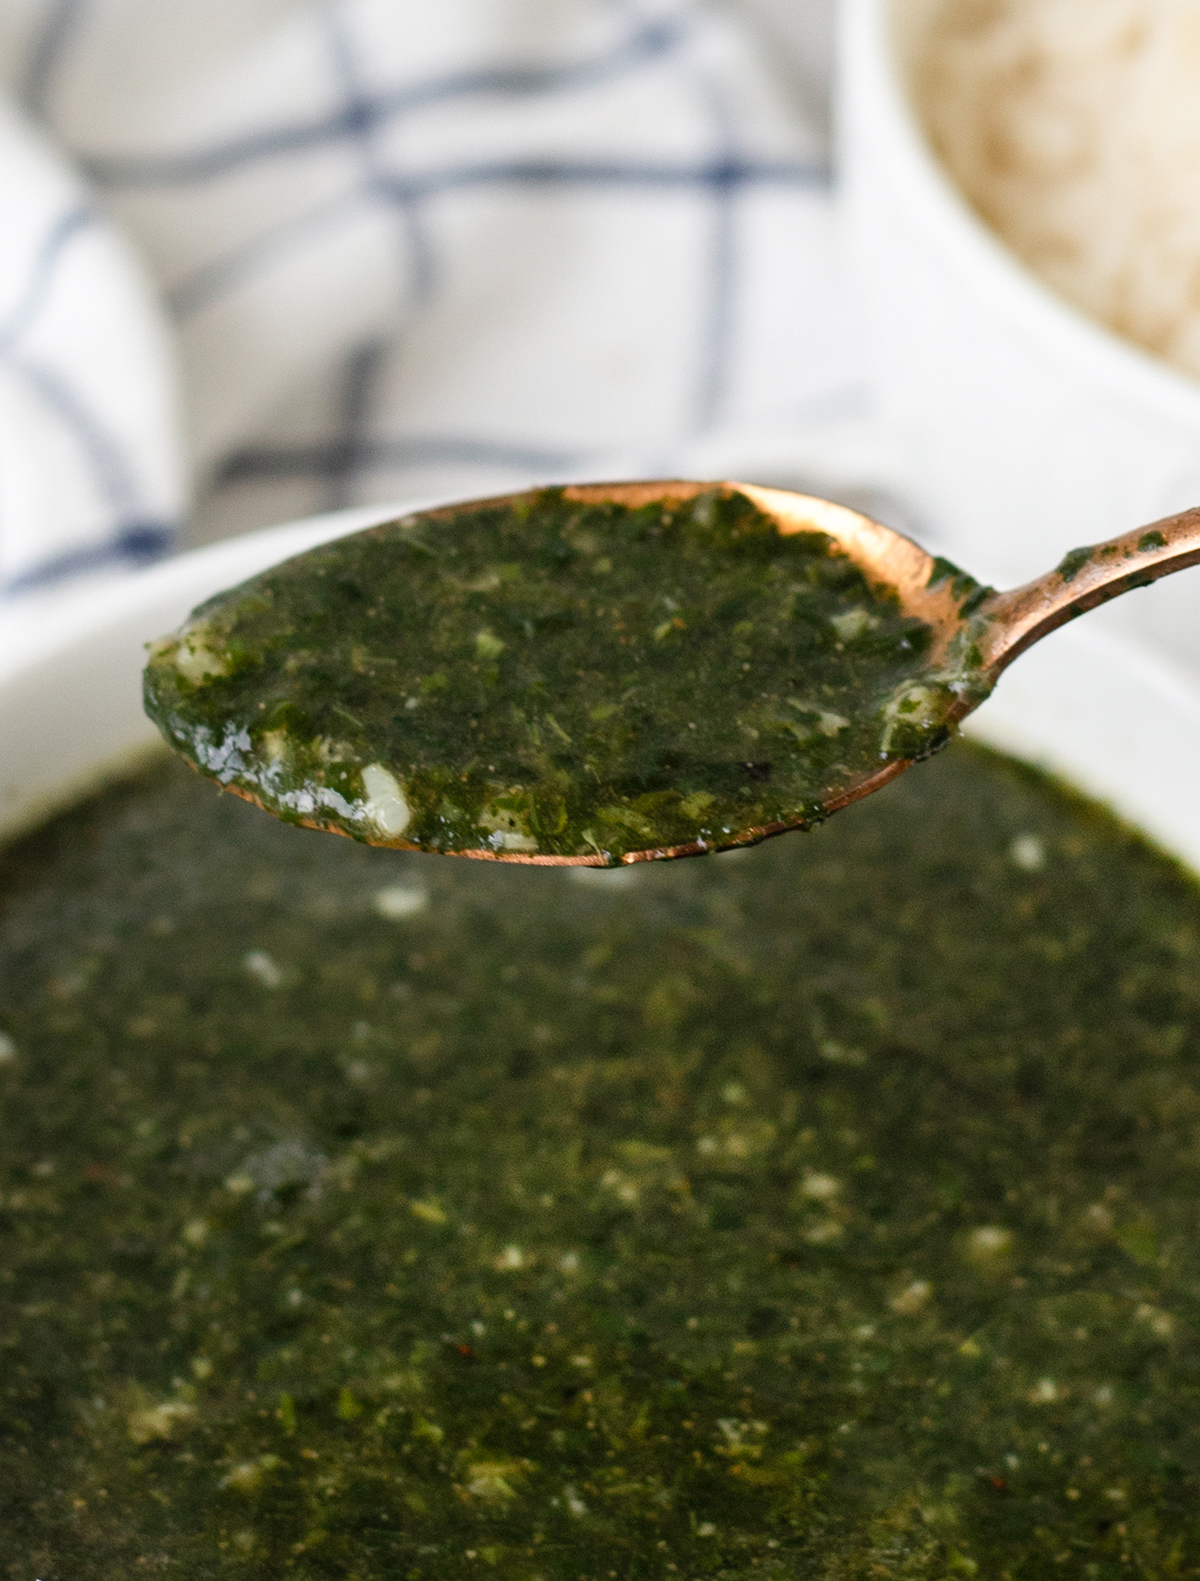 A spoonful of Molokhia